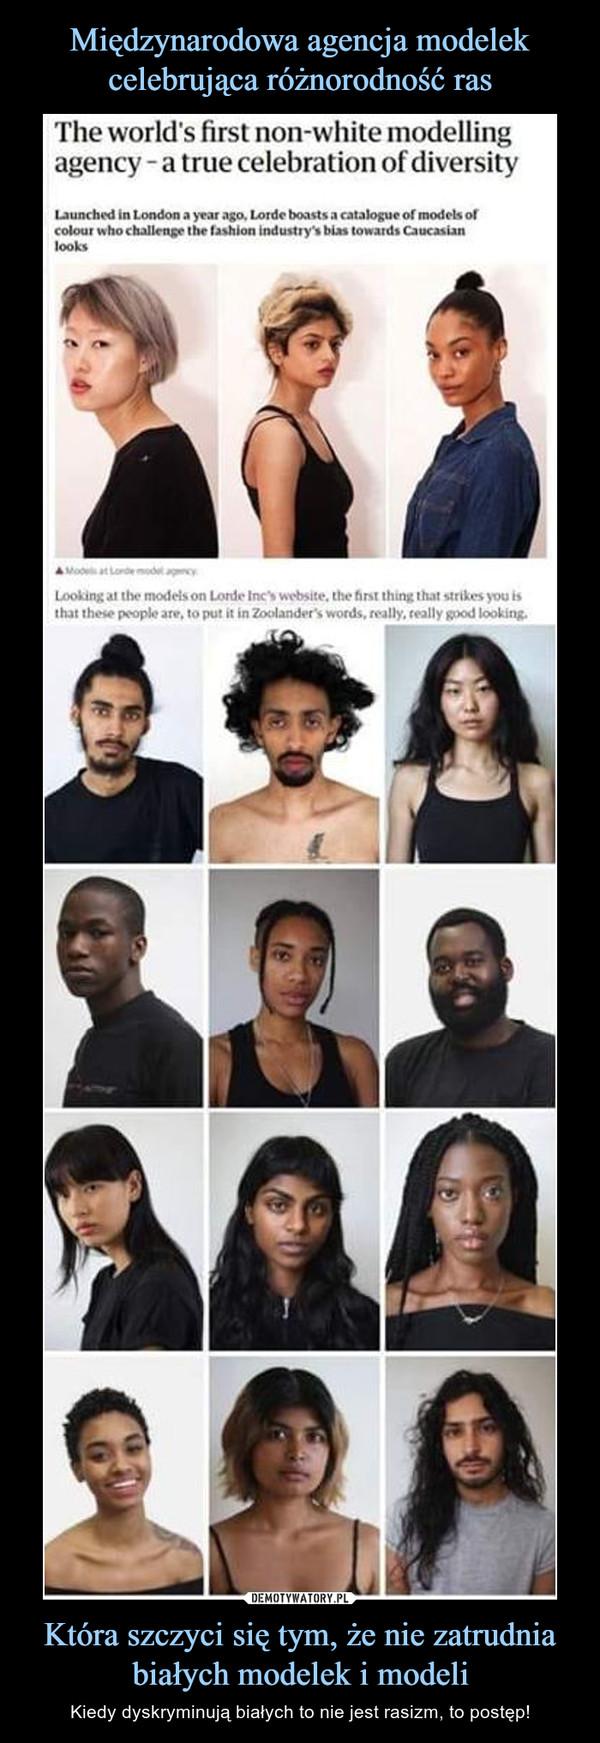 Która szczyci się tym, że nie zatrudnia białych modelek i modeli – Kiedy dyskryminują białych to nie jest rasizm, to postęp!